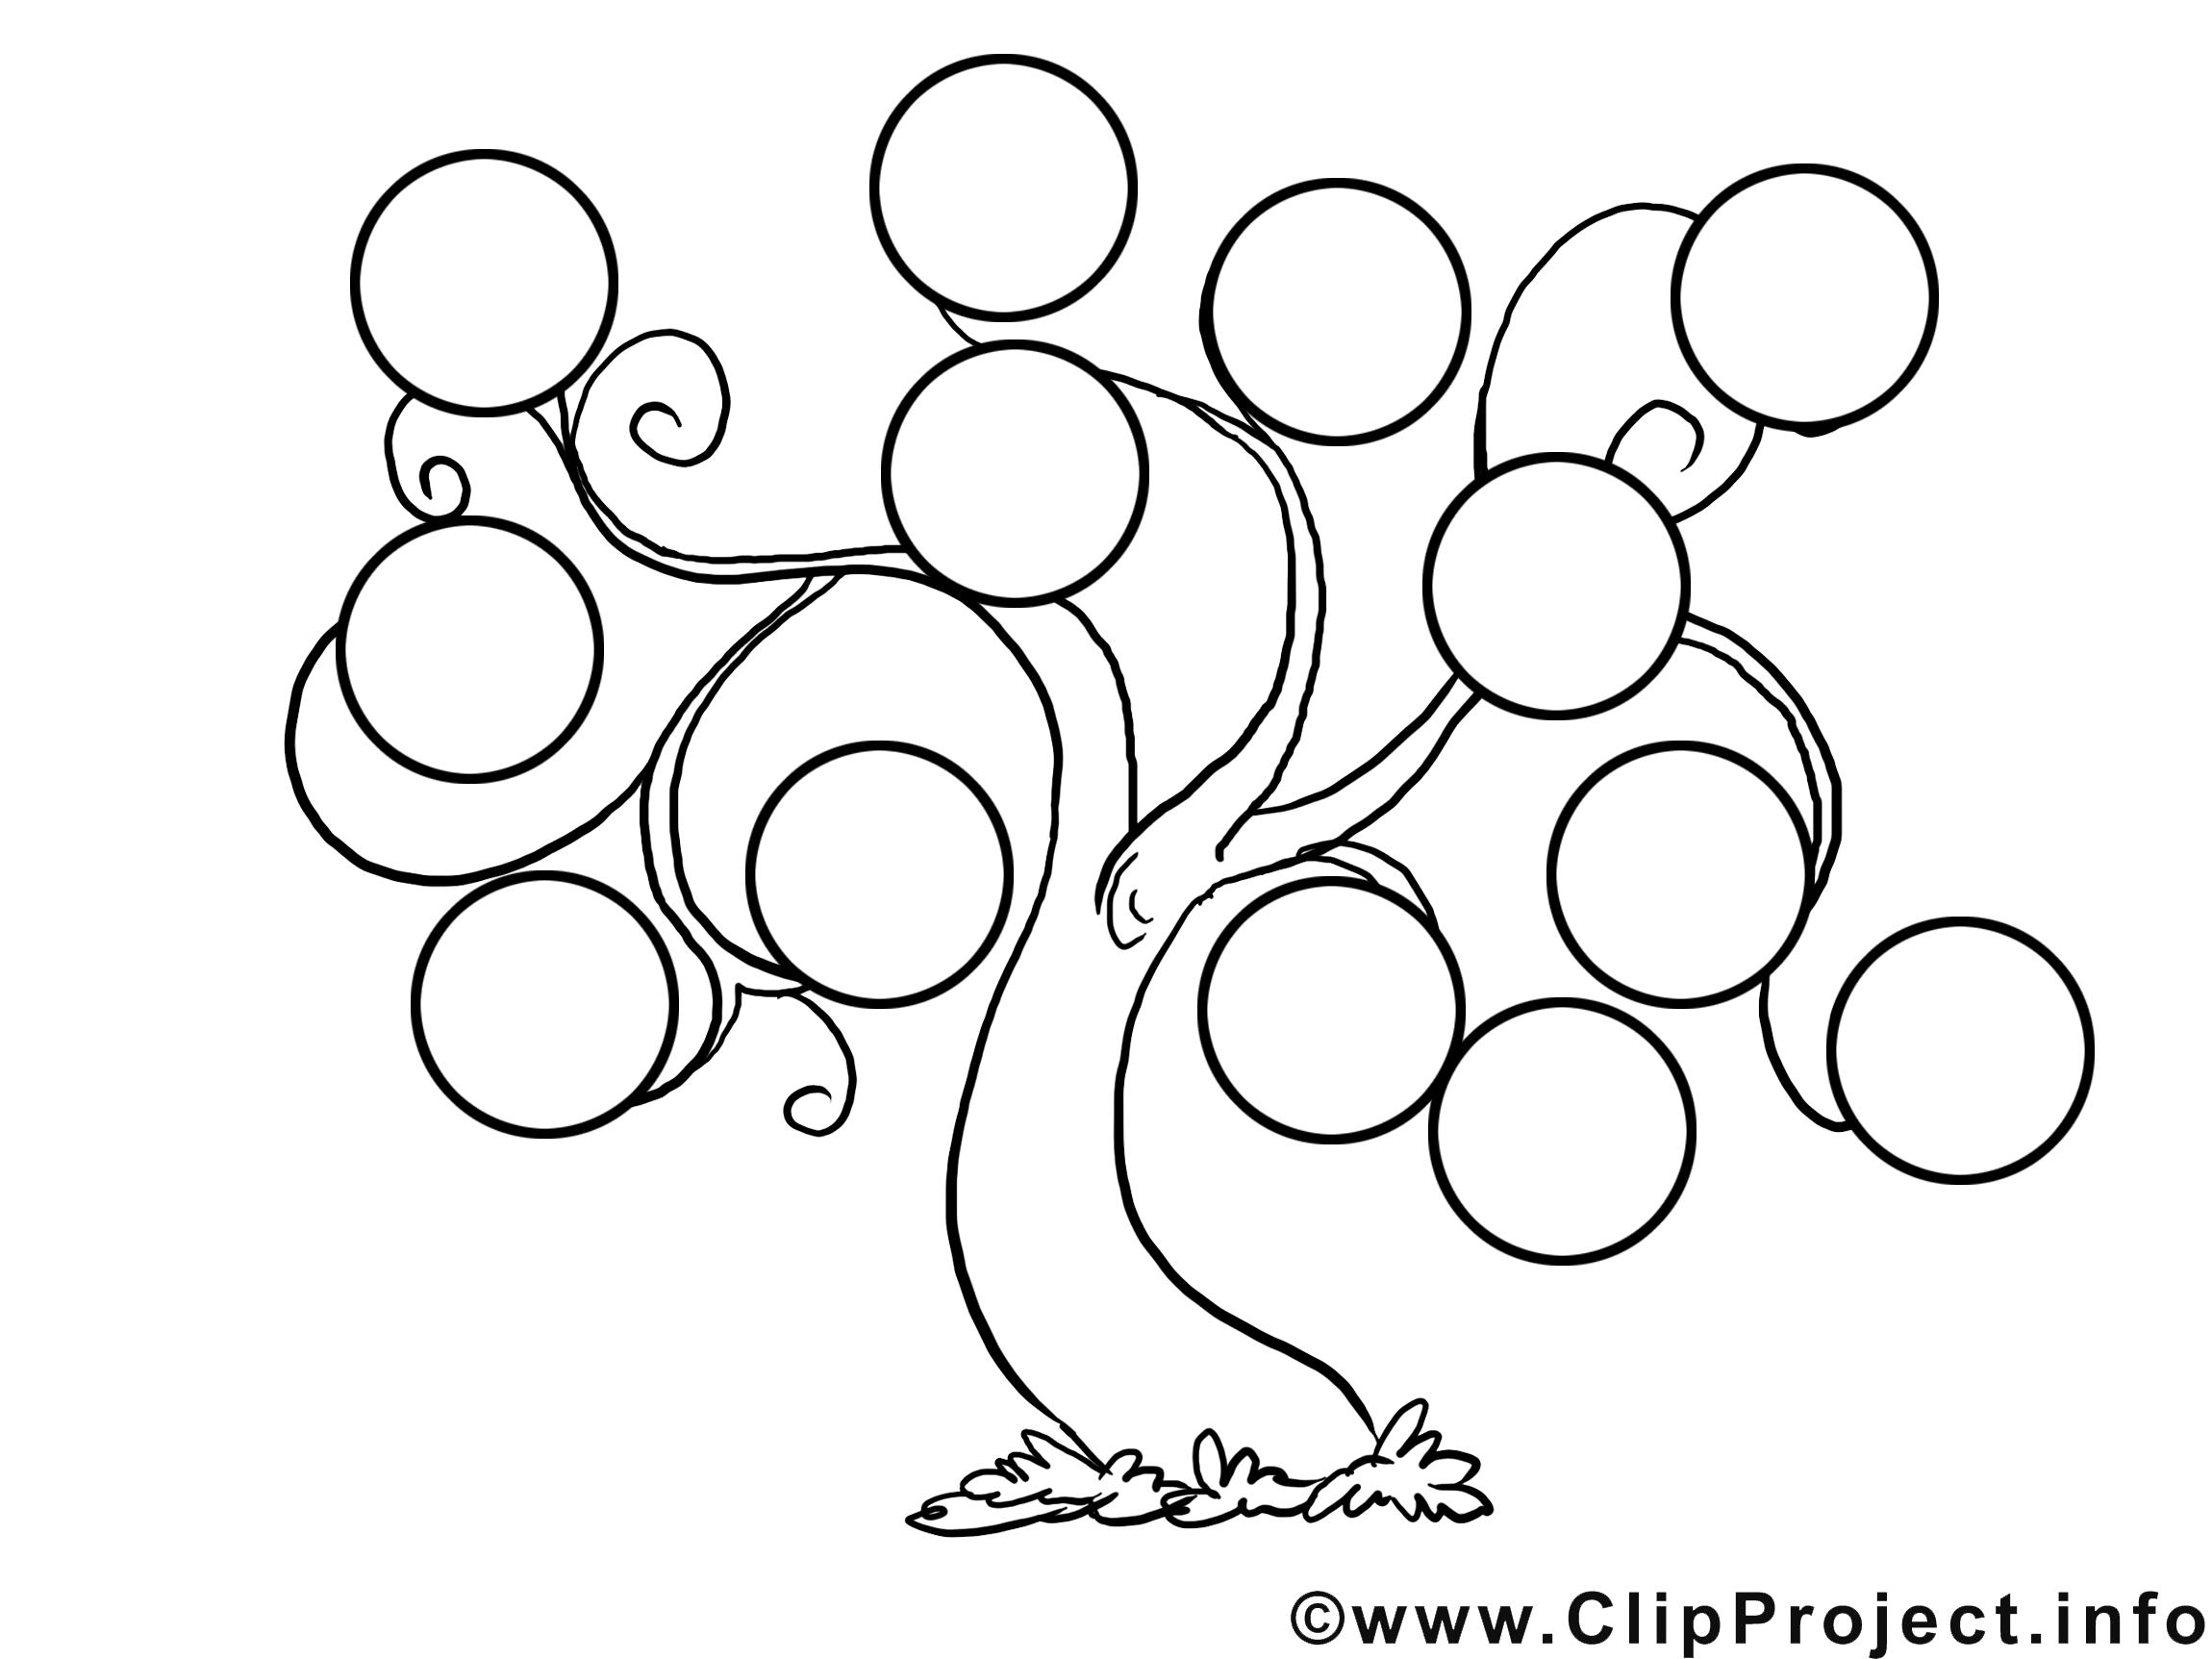 Stammbaum vordruck for Stammbaum zum ausdrucken